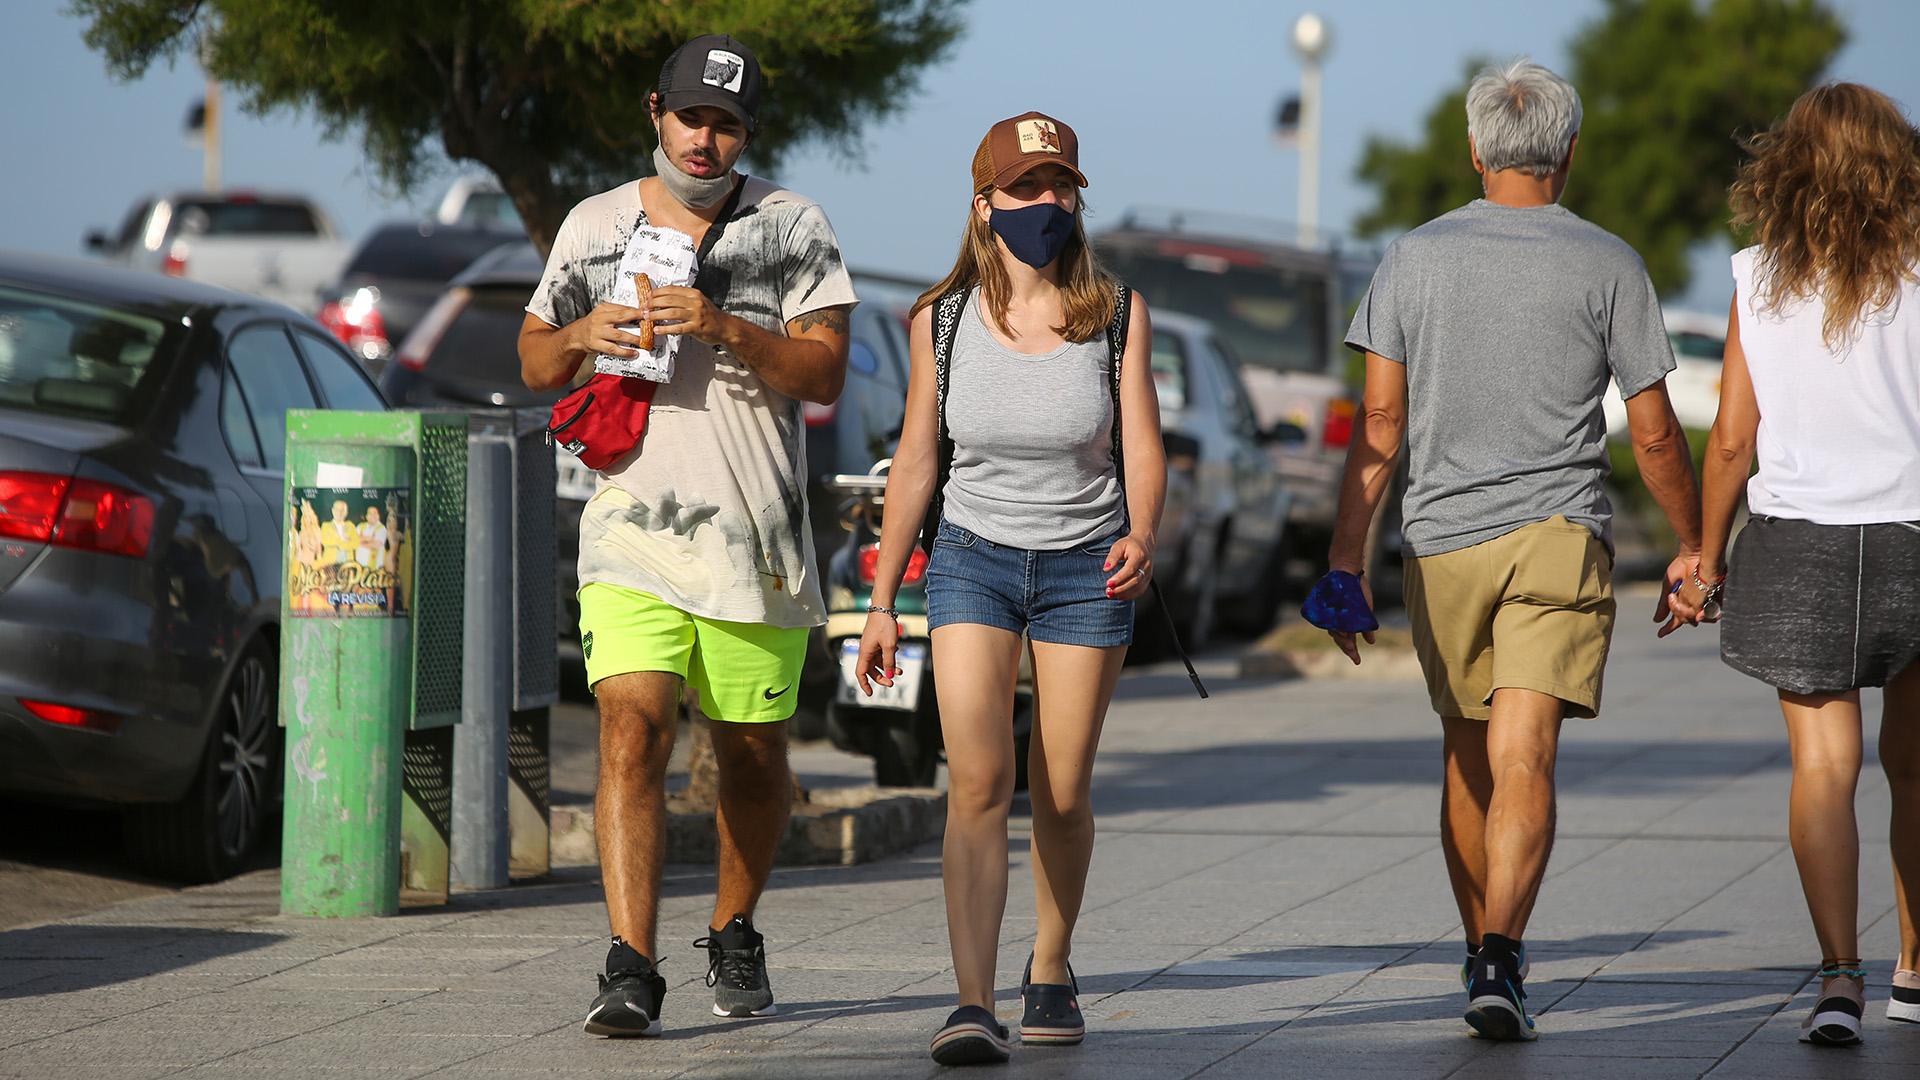 Quienes controlan los ingresos a las playas sugieren no compartir el mate ni bebidas entre personas del mismo grupo